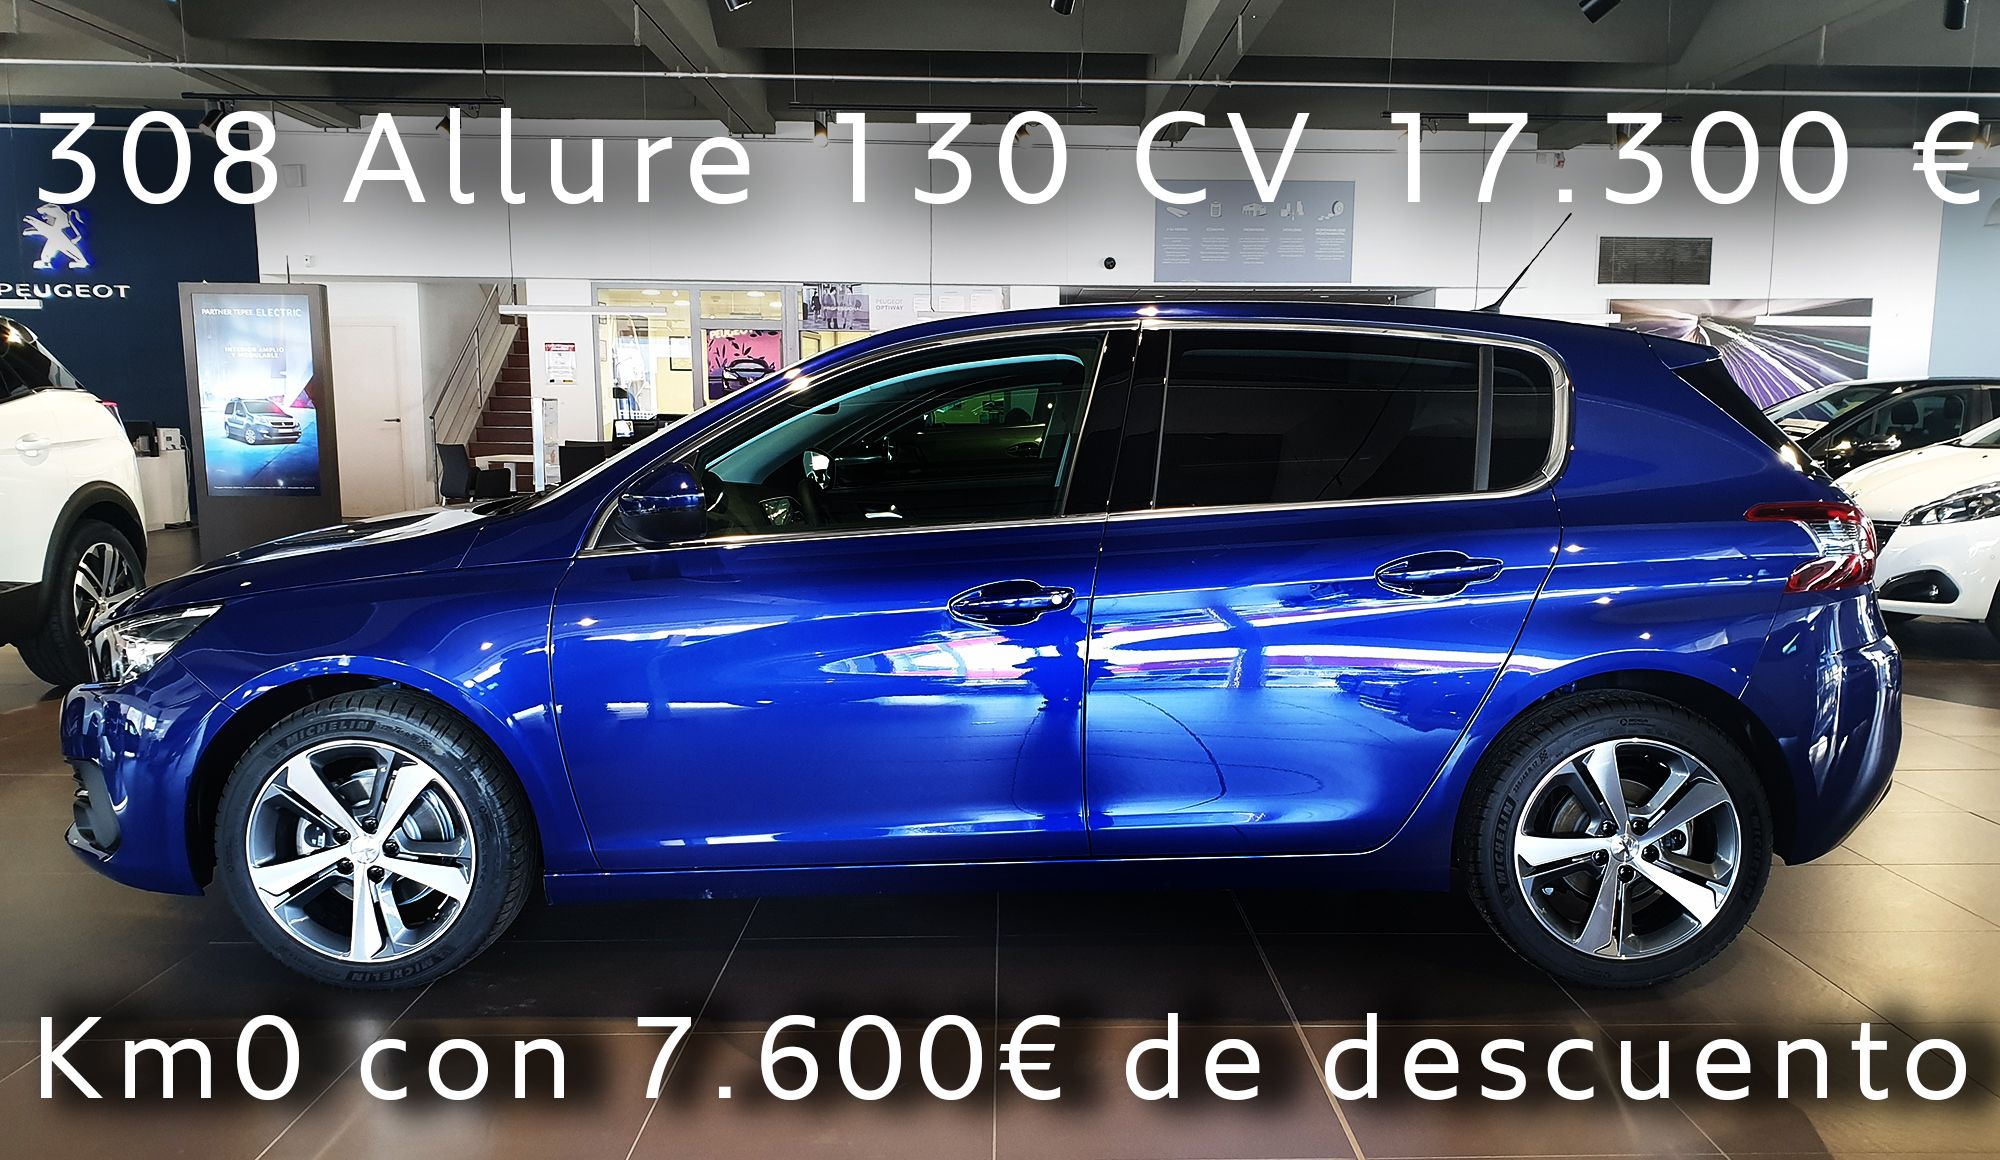 Peugeot 308 Allure 130 CV Gasolina Km0 17.300 € con 7.600 € de descuento.